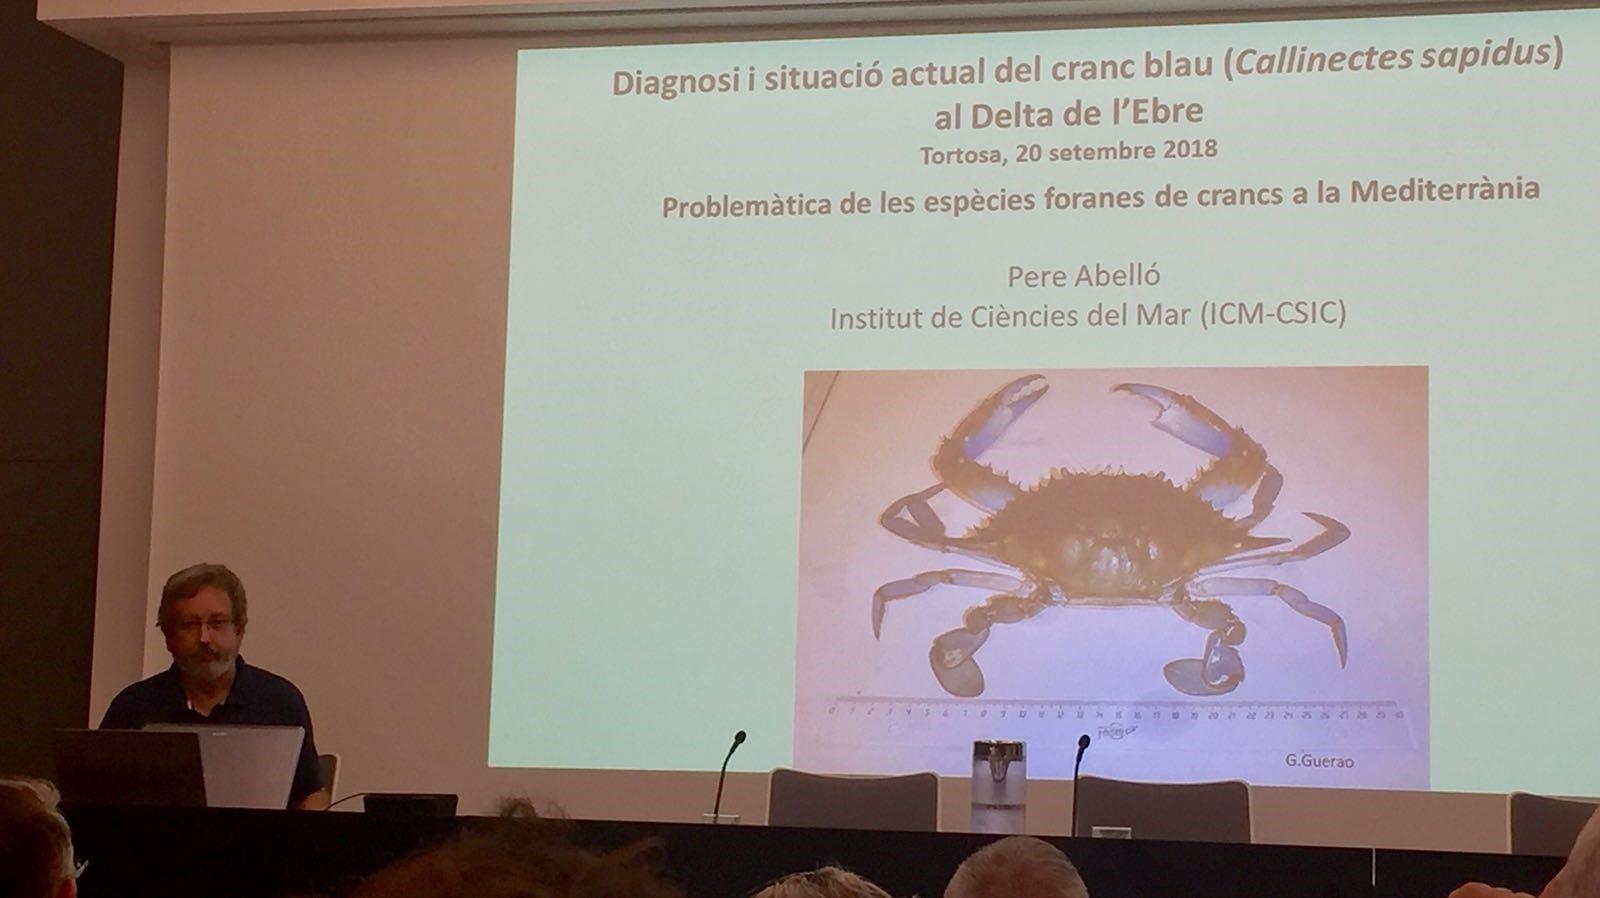 Intervenció de Pere Abelló, expert en crustacis